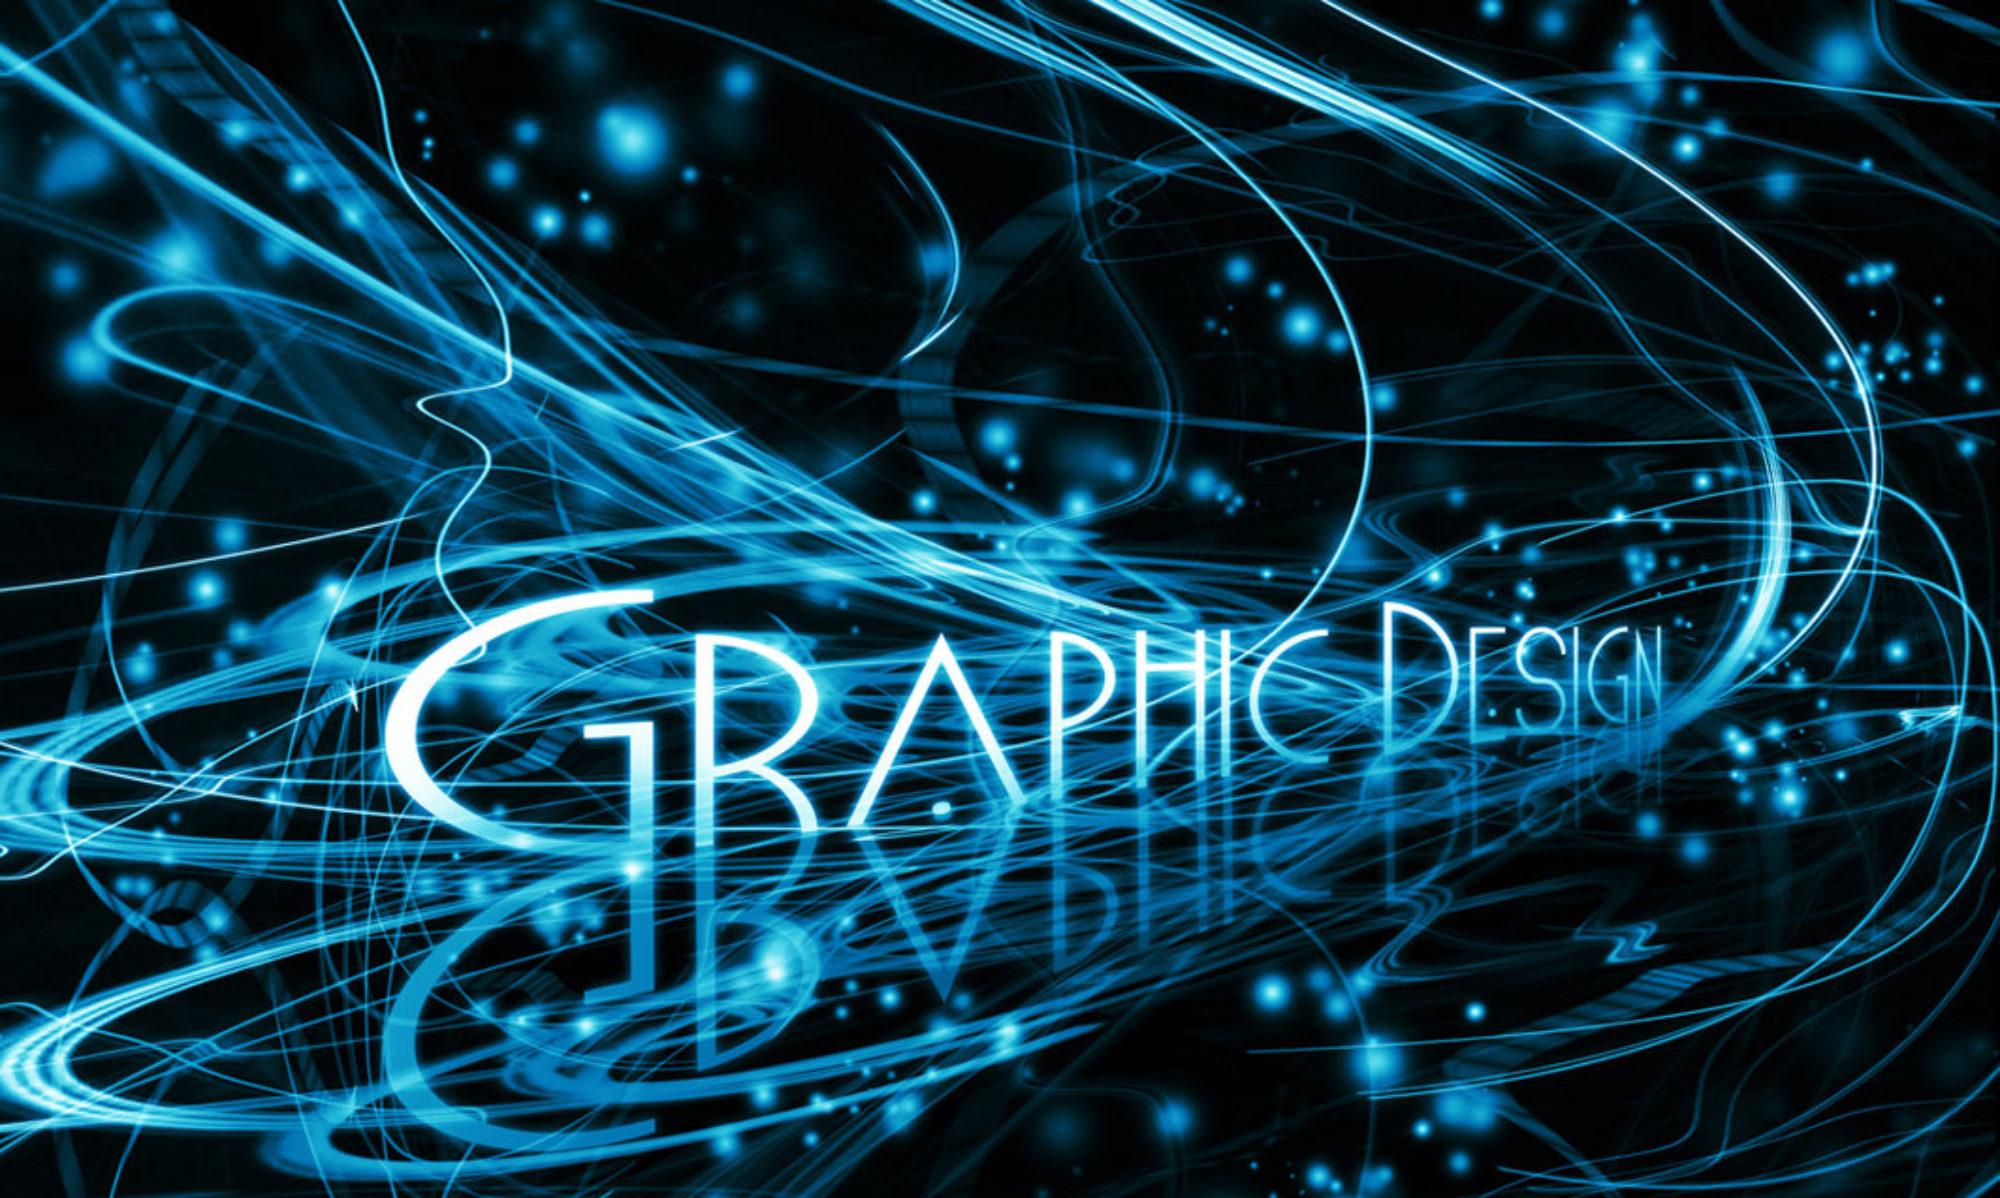 Z Design